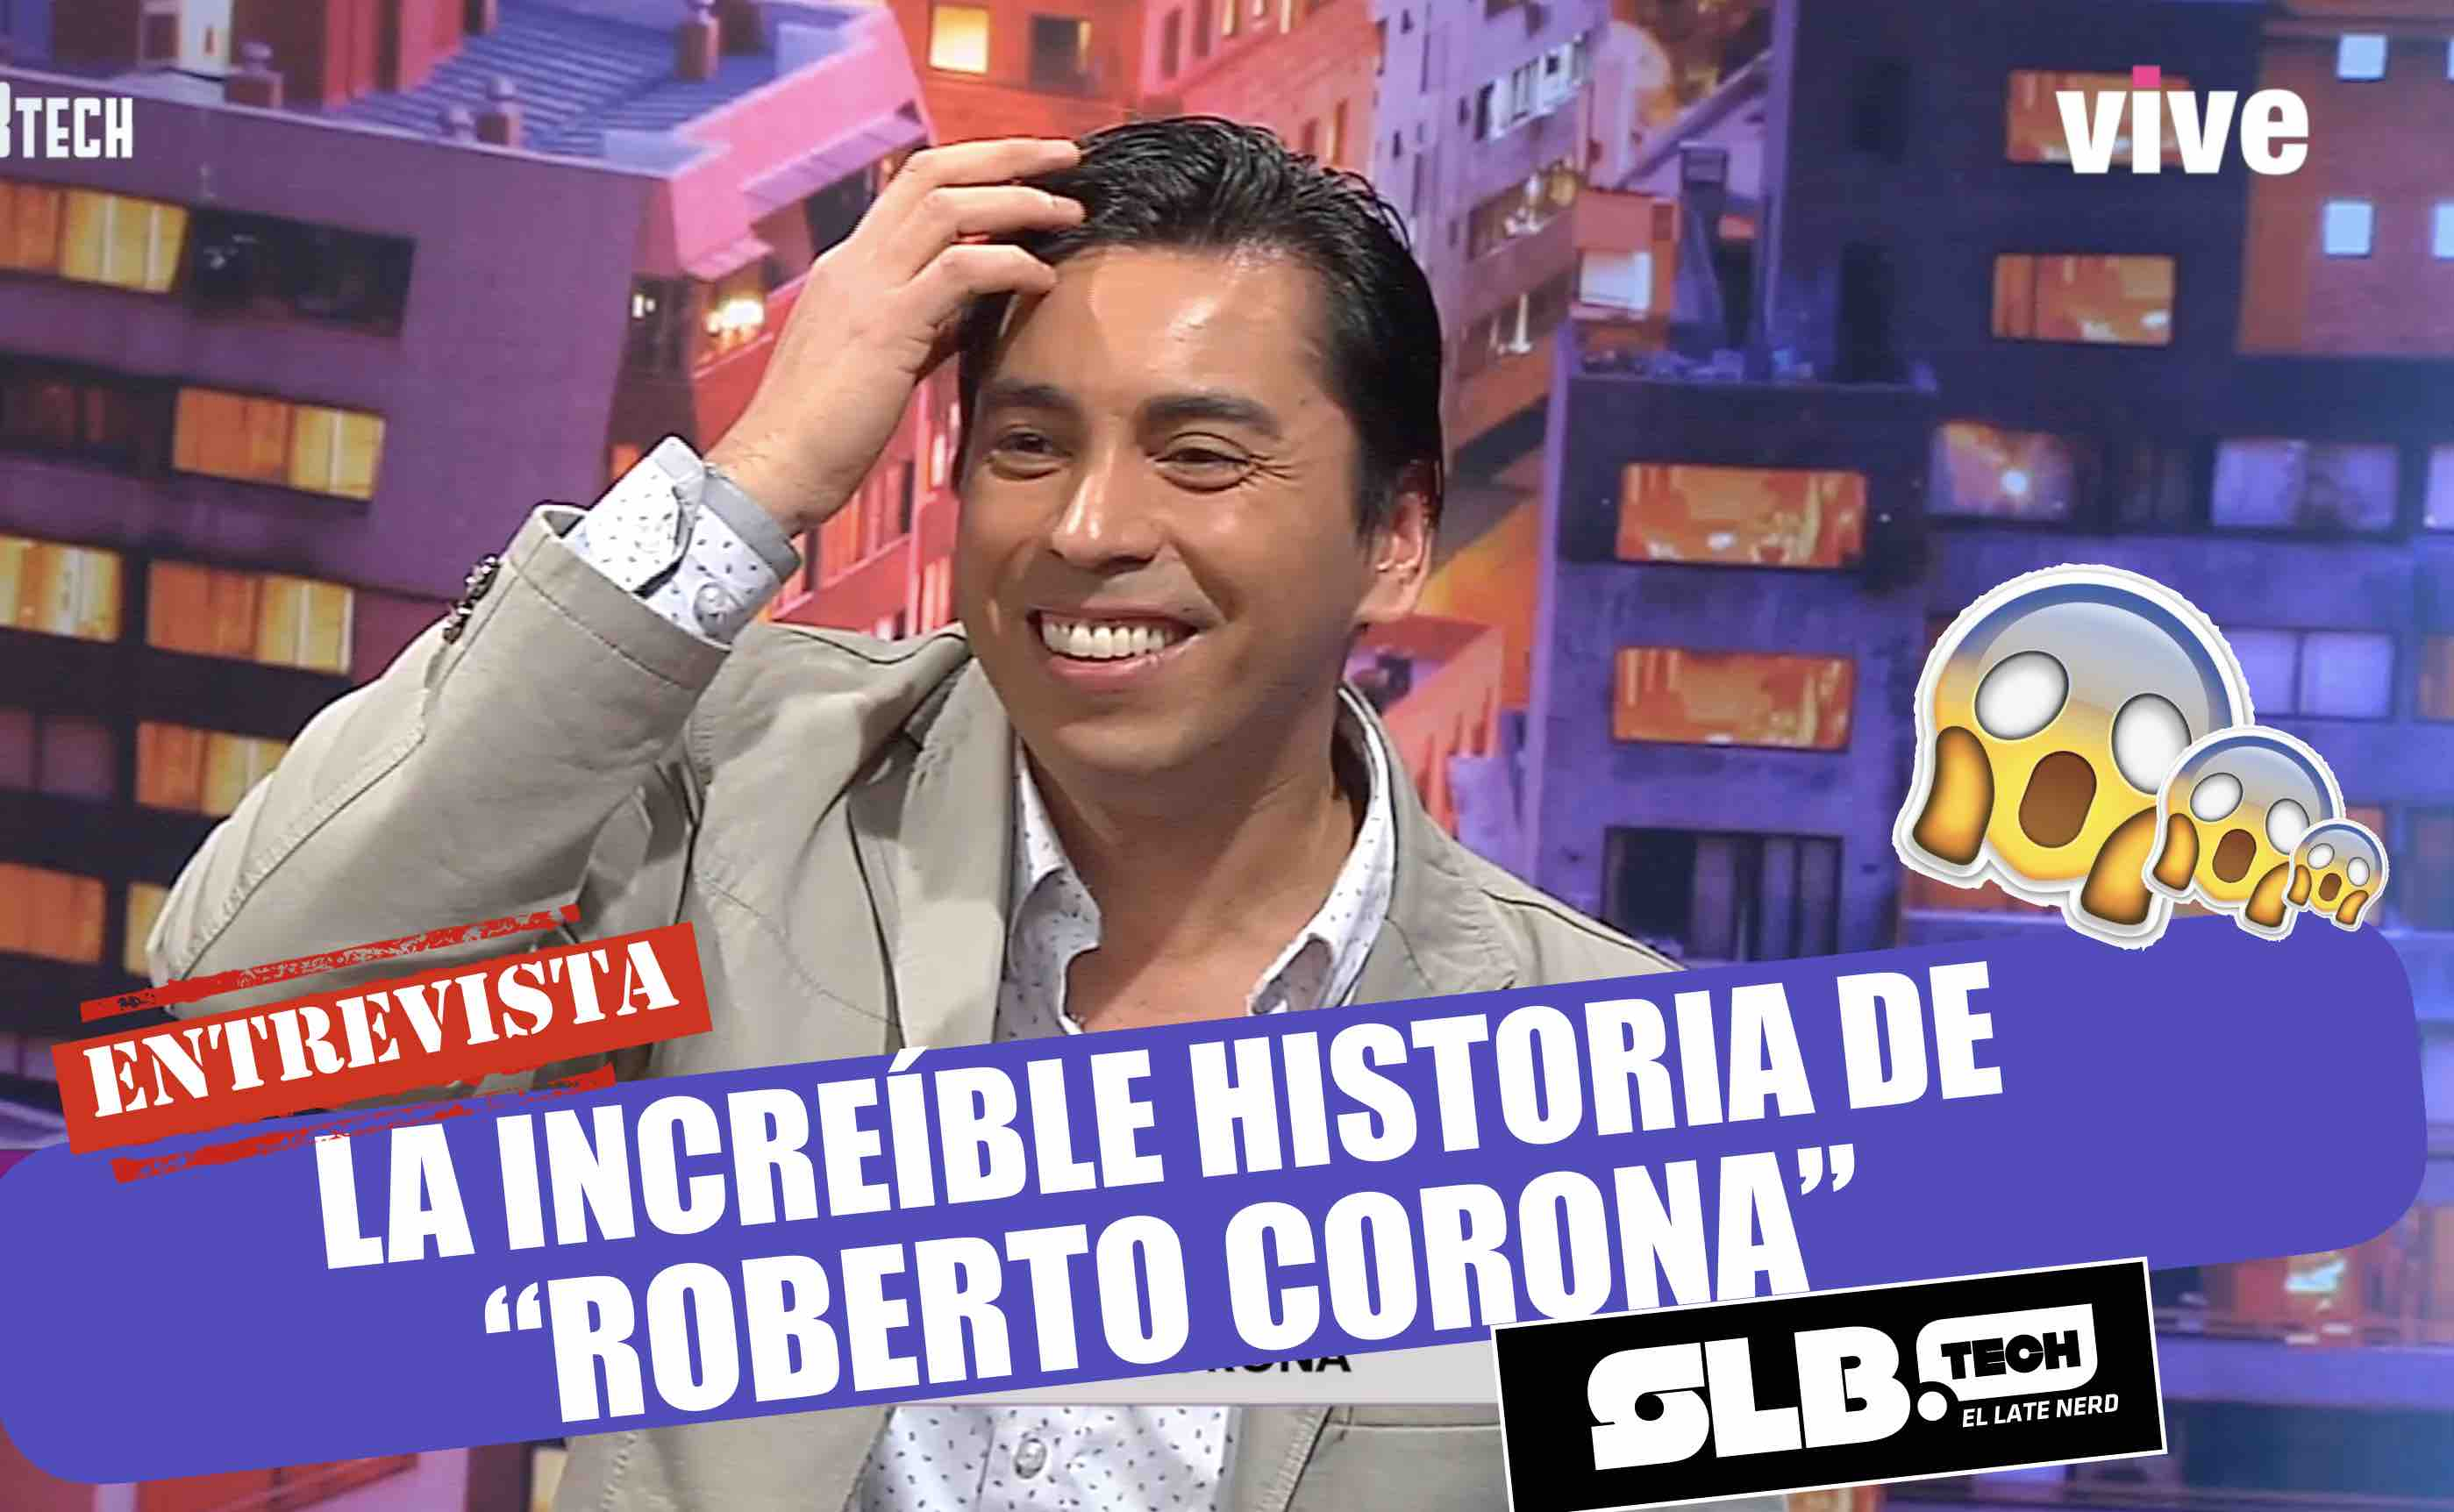 SLBtech- La increíble historia de Roberto Corona